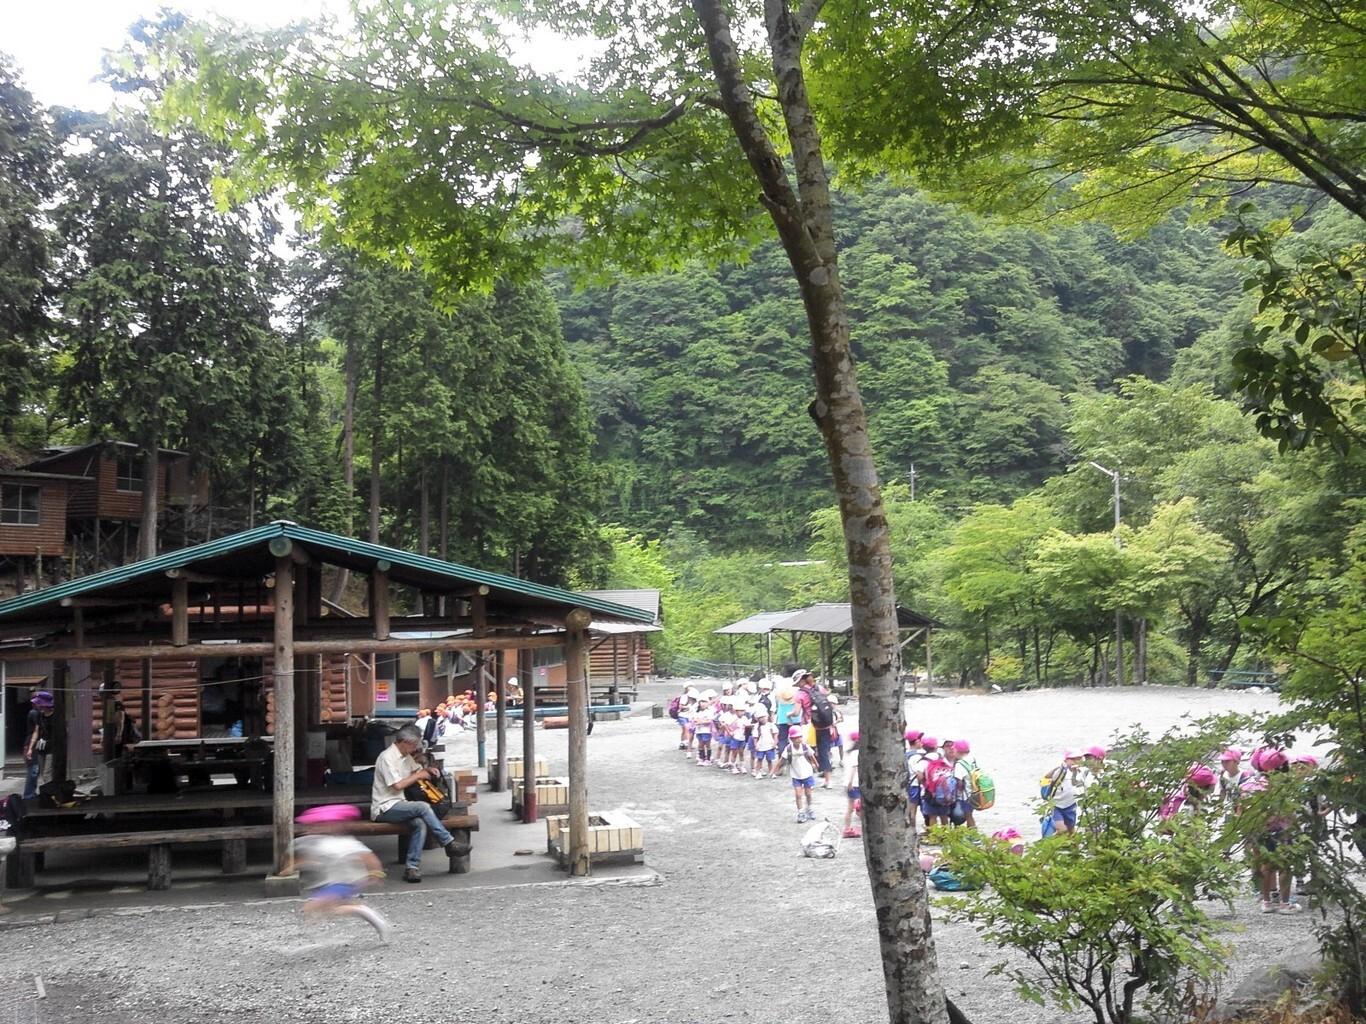 西丹沢 大滝キャンプ場 の公式写真c12417